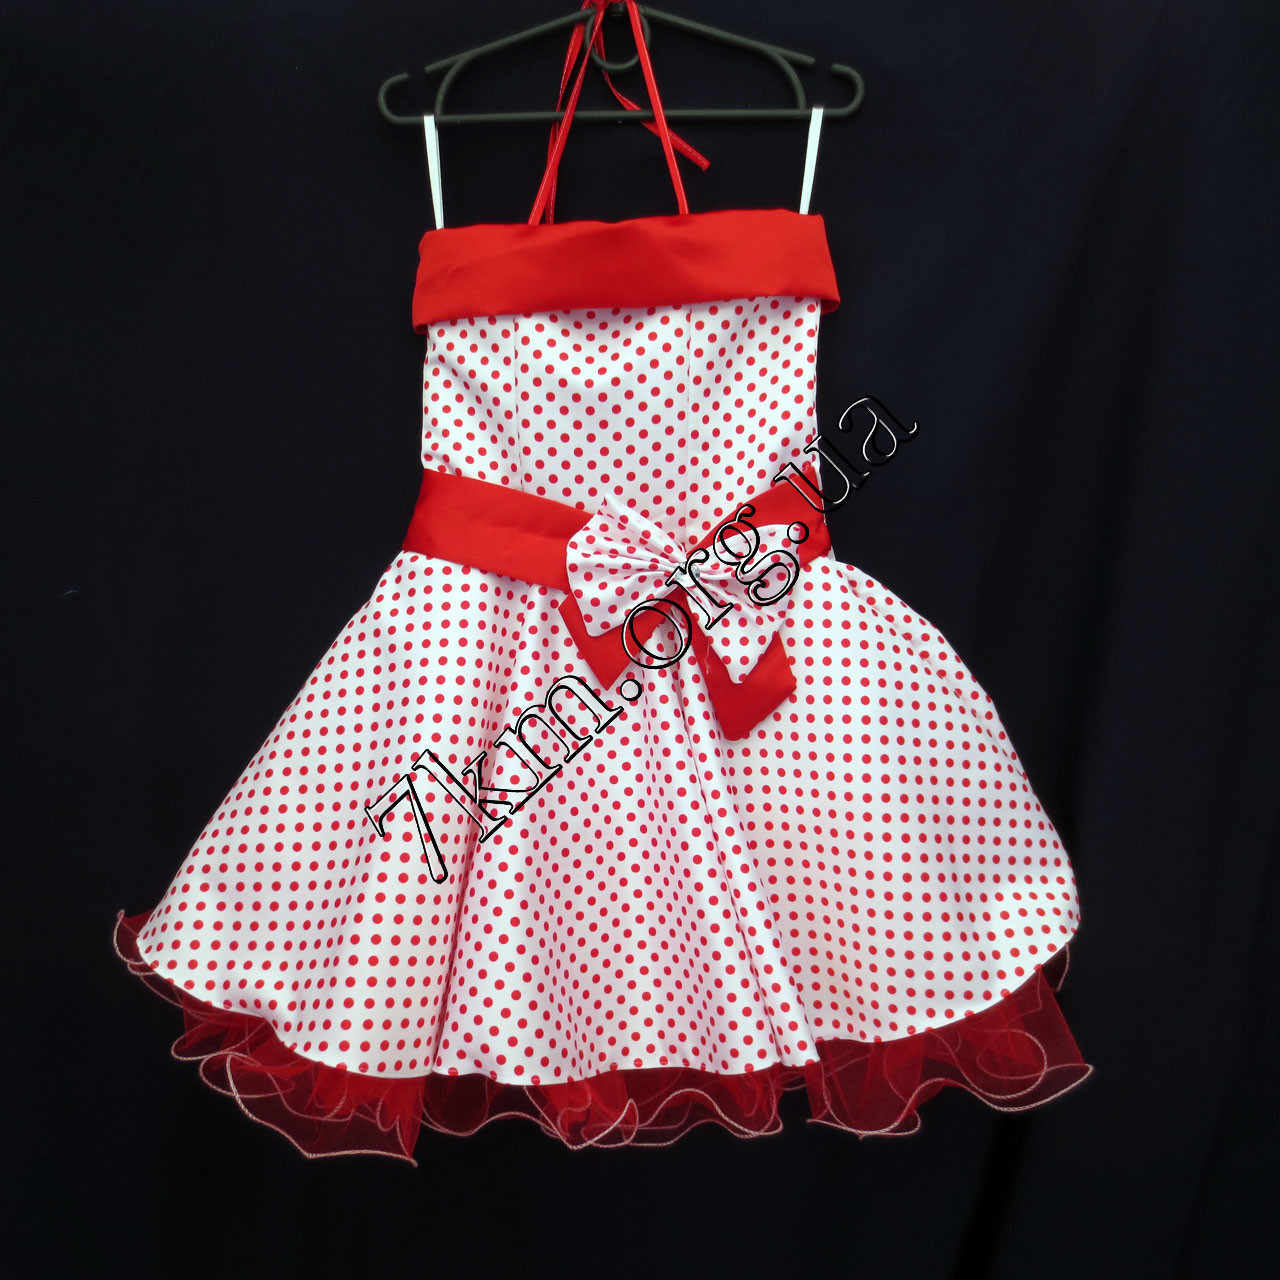 Платье нарядное бальное детское 6 лет Стиляга белое Украина оптом.